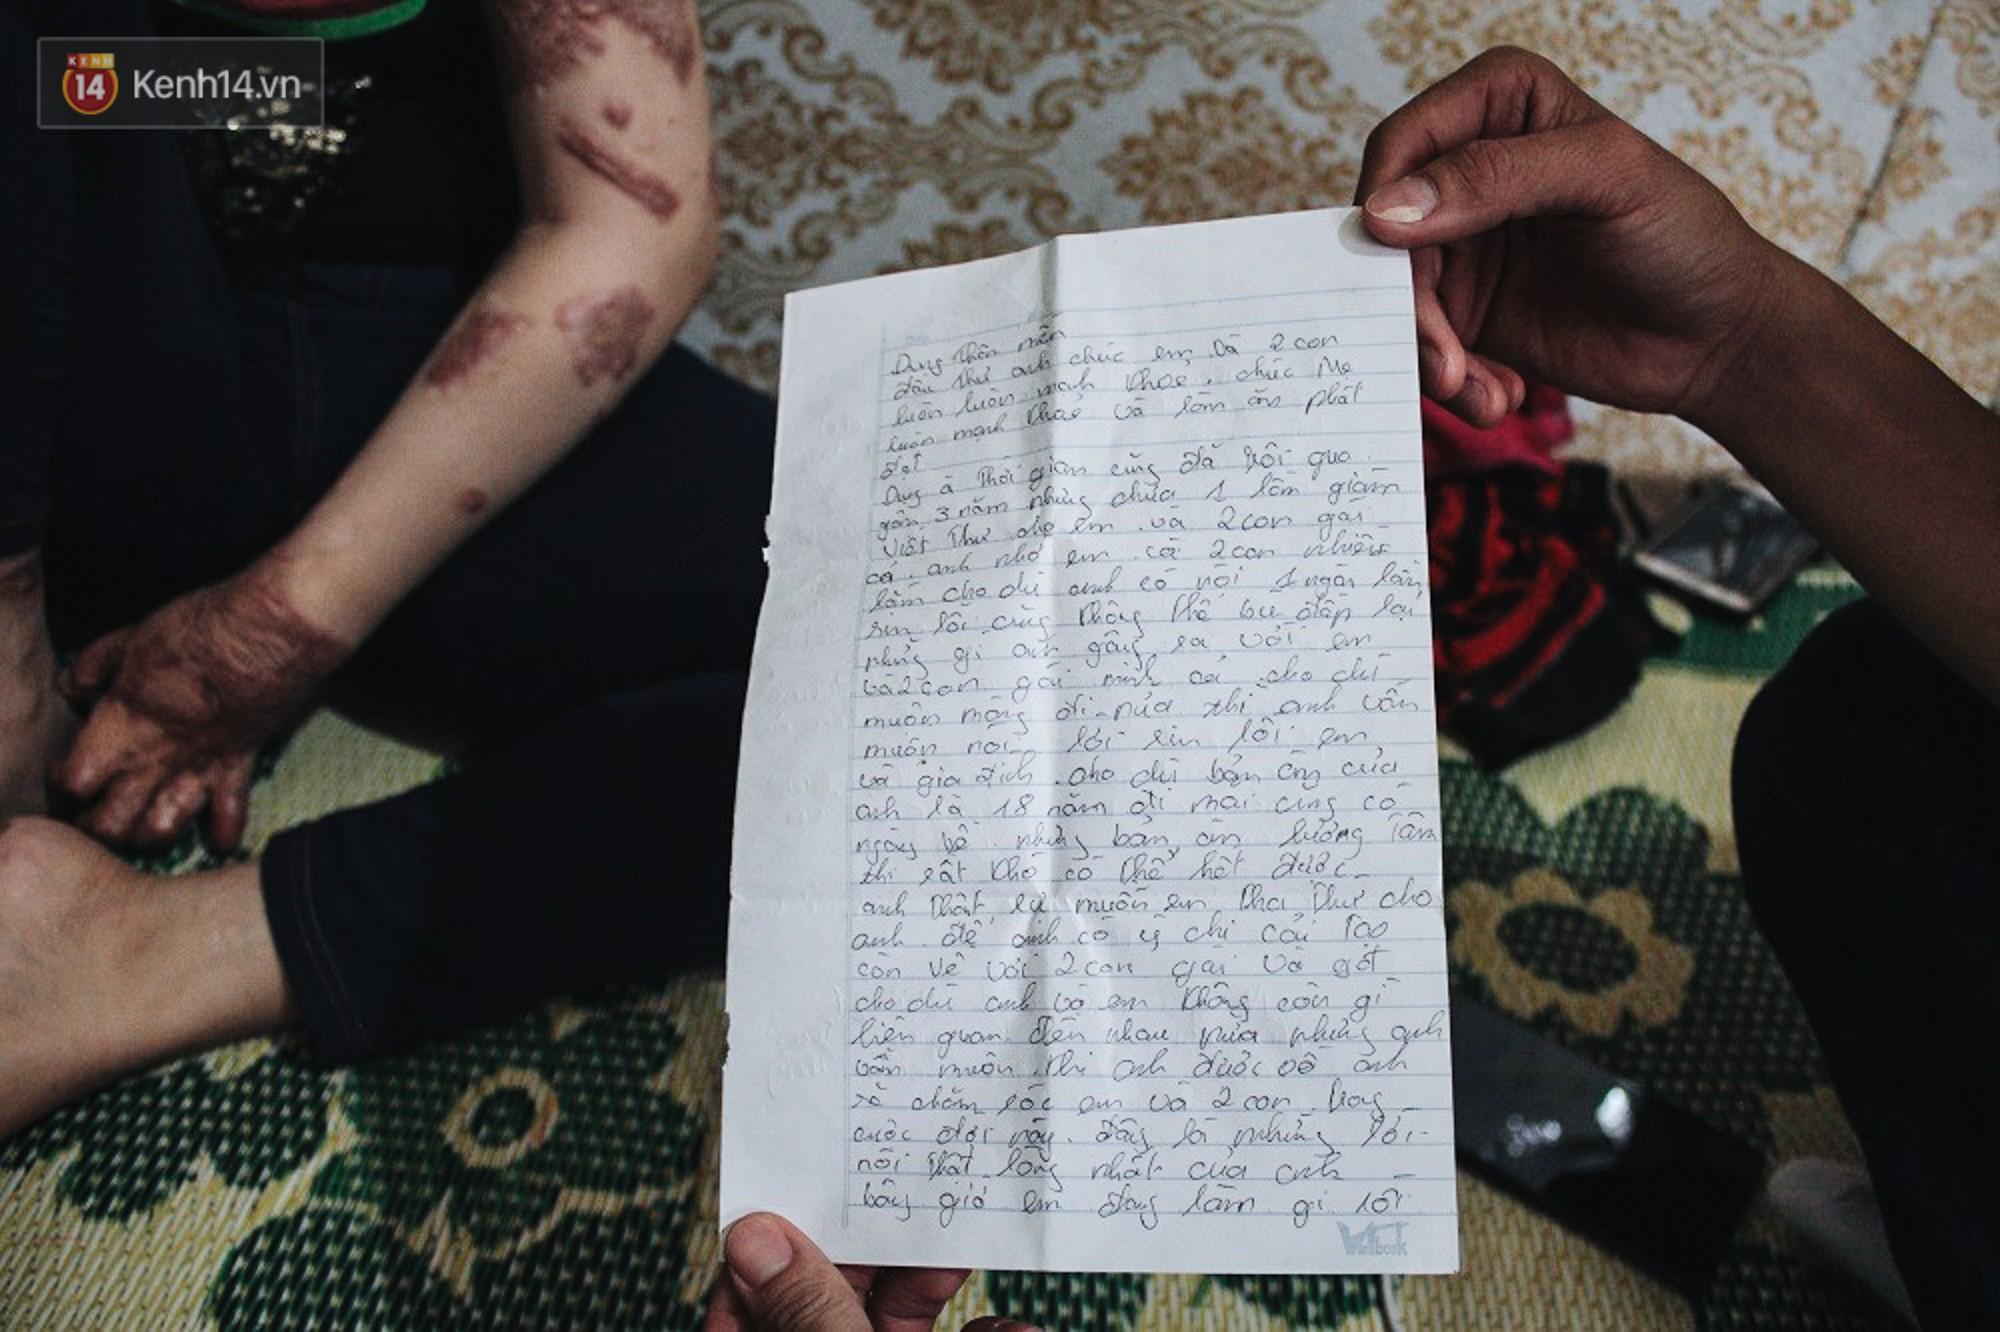 Cô gái trẻ bị chồng tưới xăng thiêu sống và lá thư muộn màng từ trại giam: Gần 3 năm anh chưa một lần dám viết thư cho em và hai con...-12